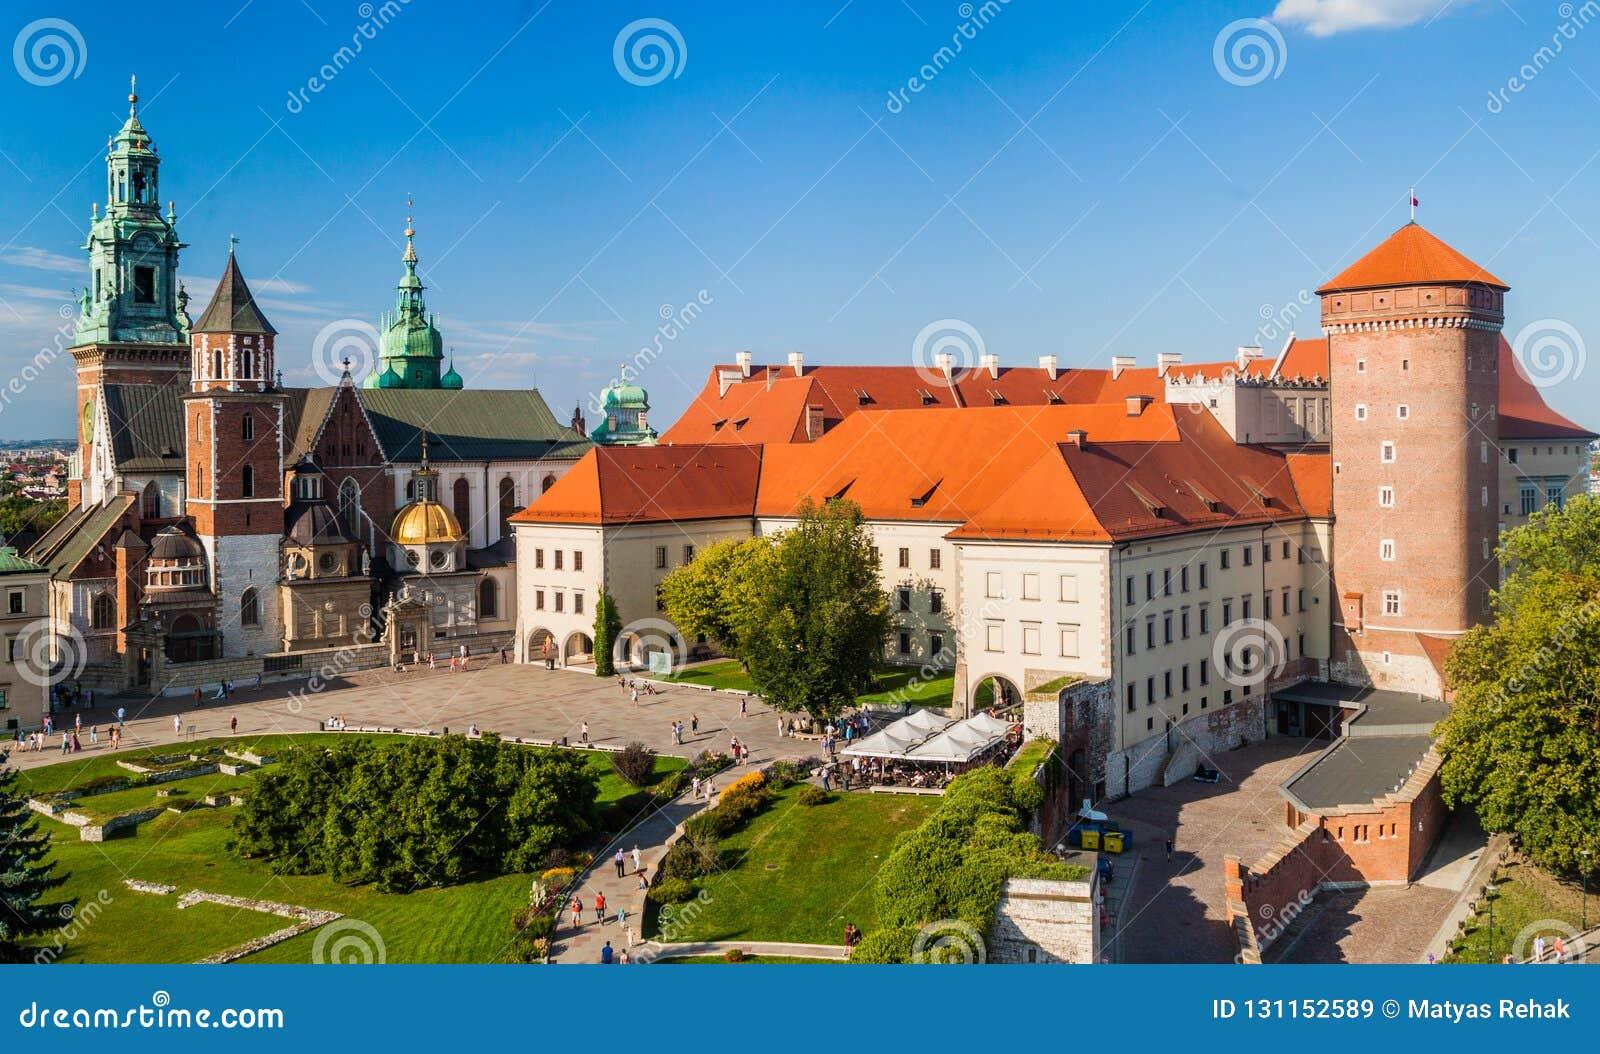 Wawel castle in Krakow, Pola